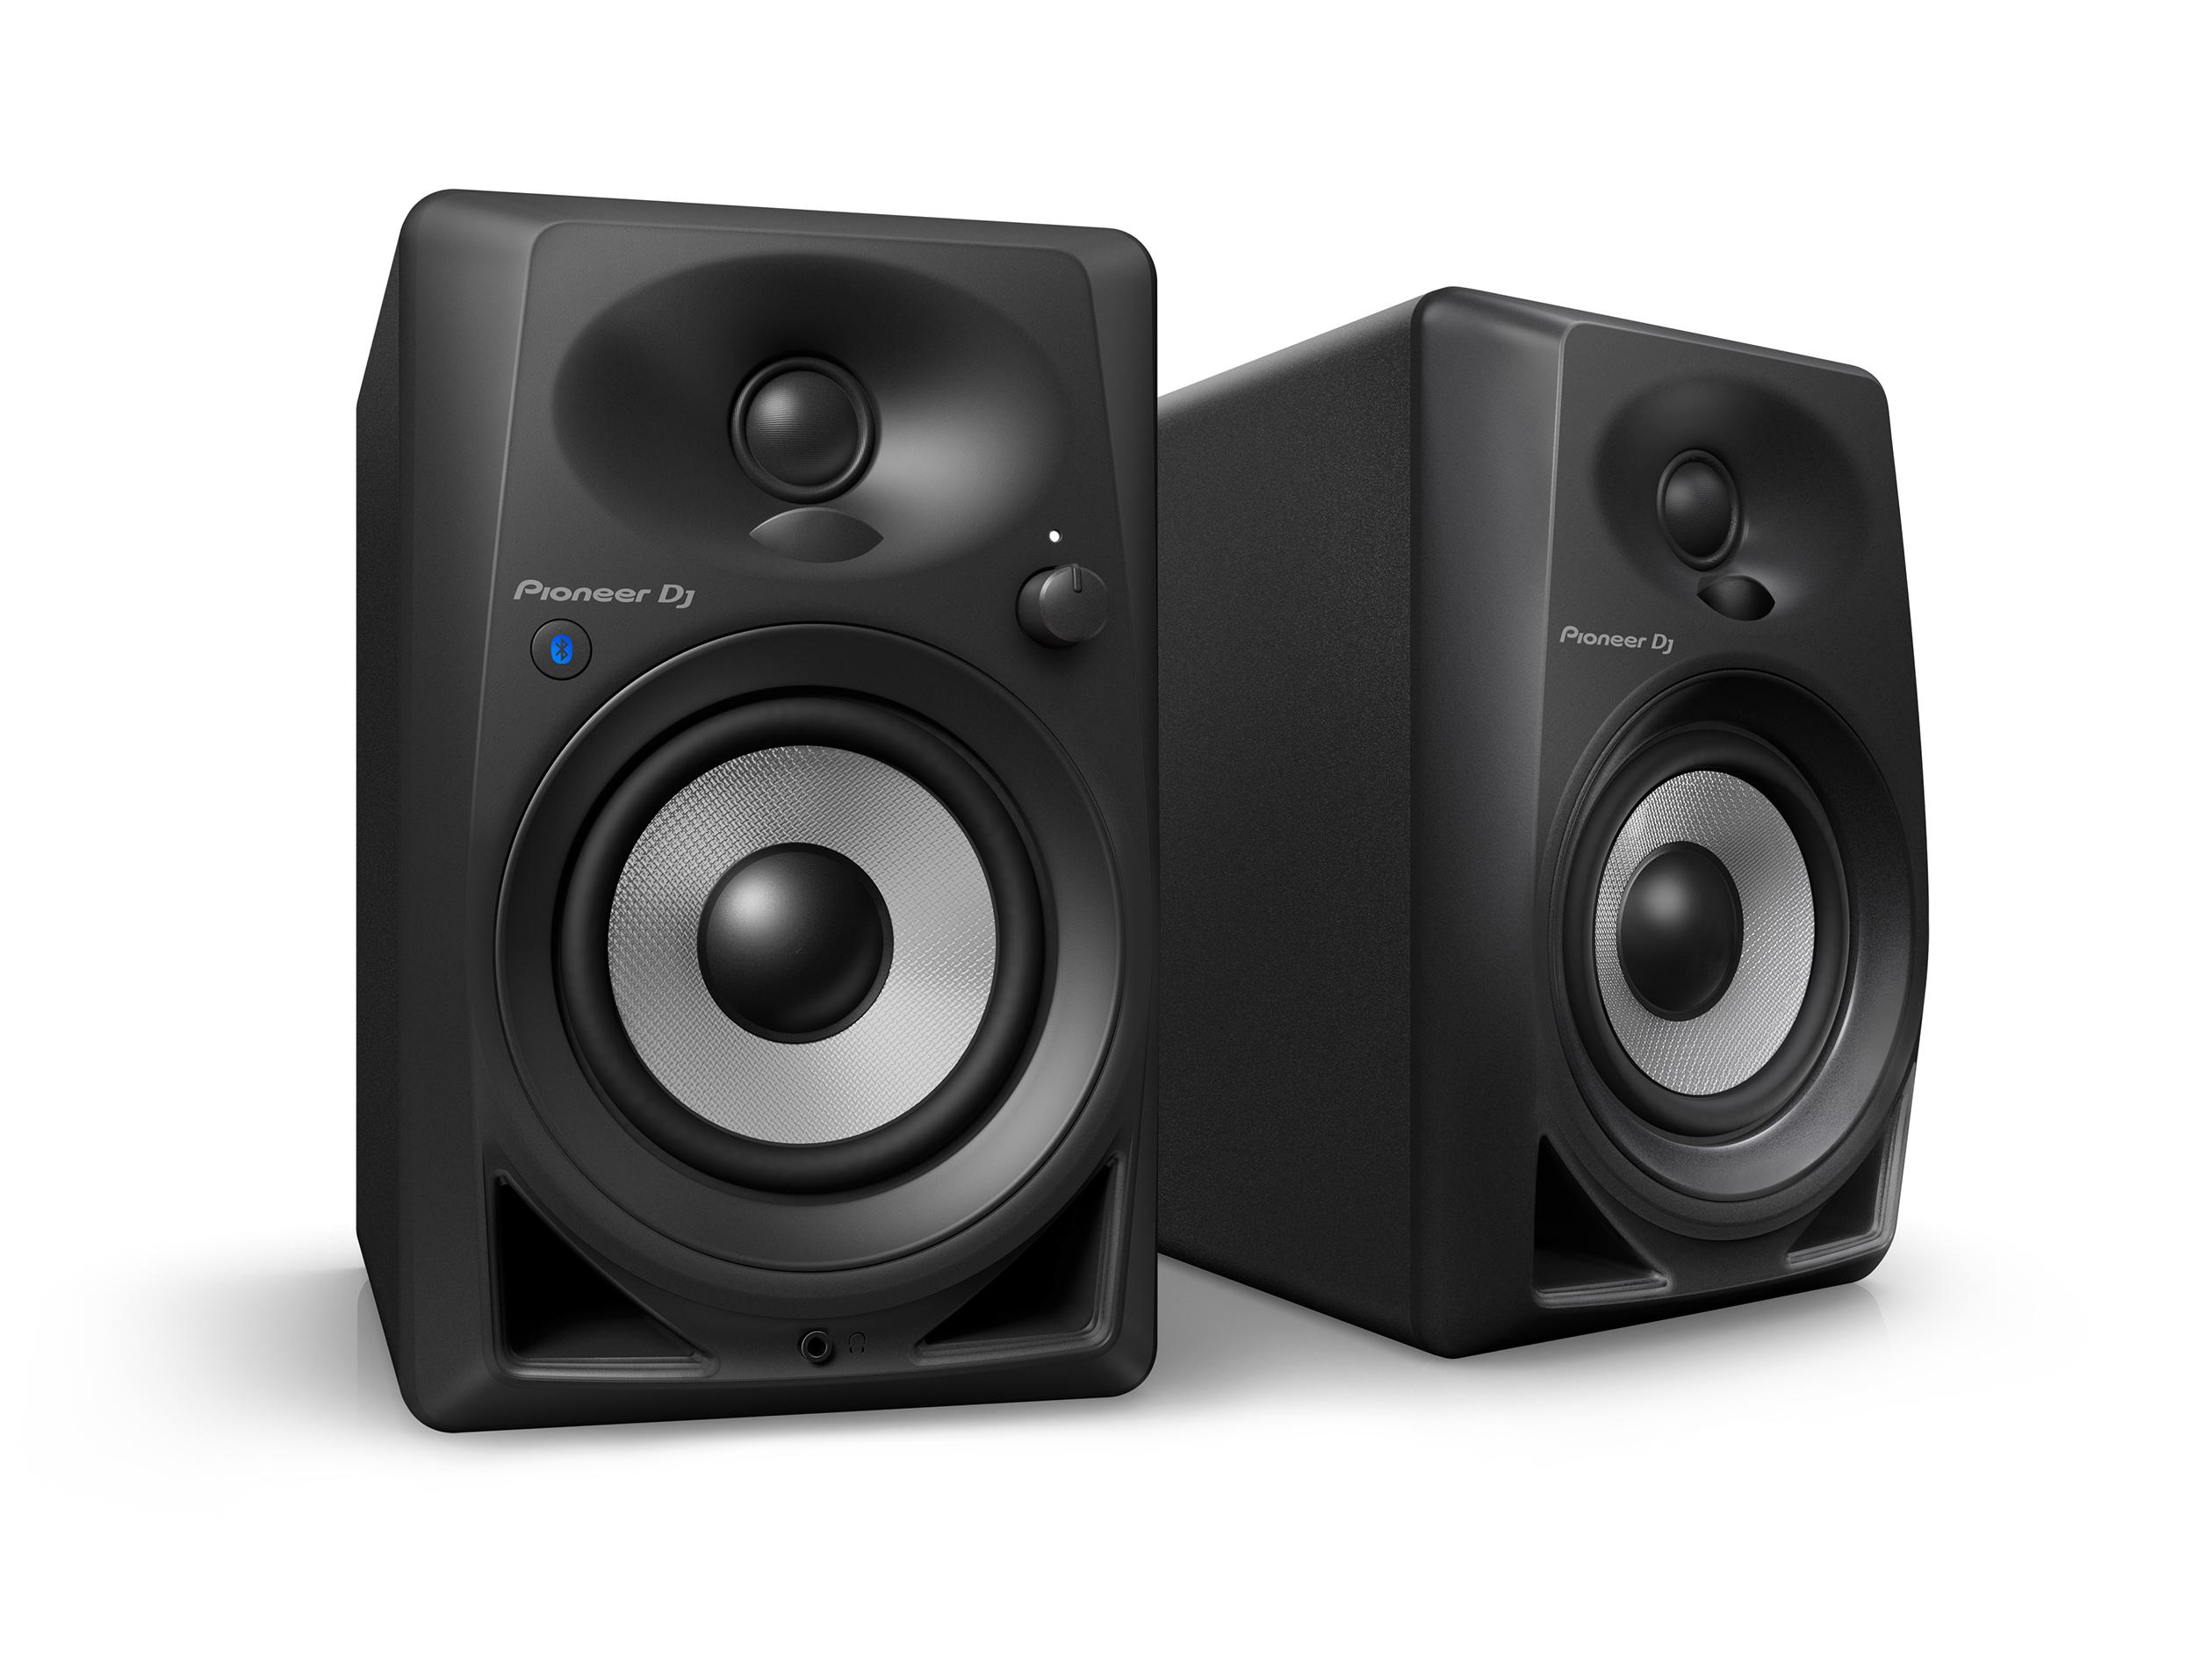 Pioneer DM-40BT, nuevos monitores de Pioneer DJ con Bluetooth